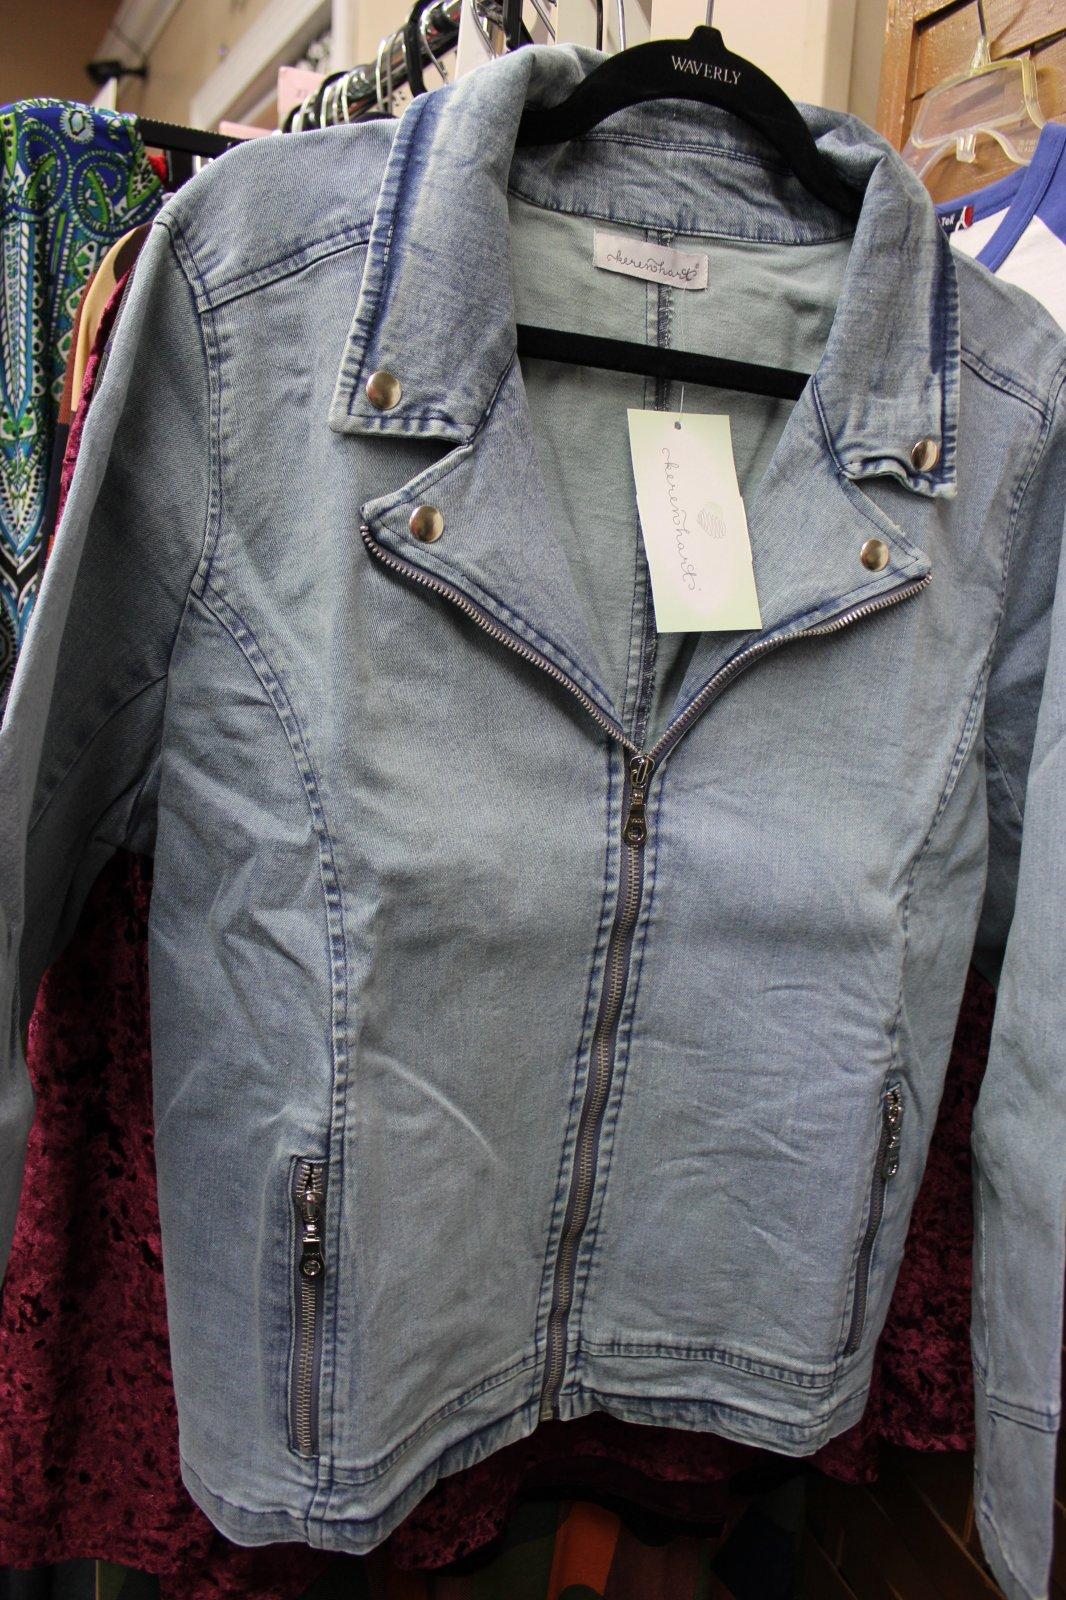 Plus Denim Jacket w/ Zippers